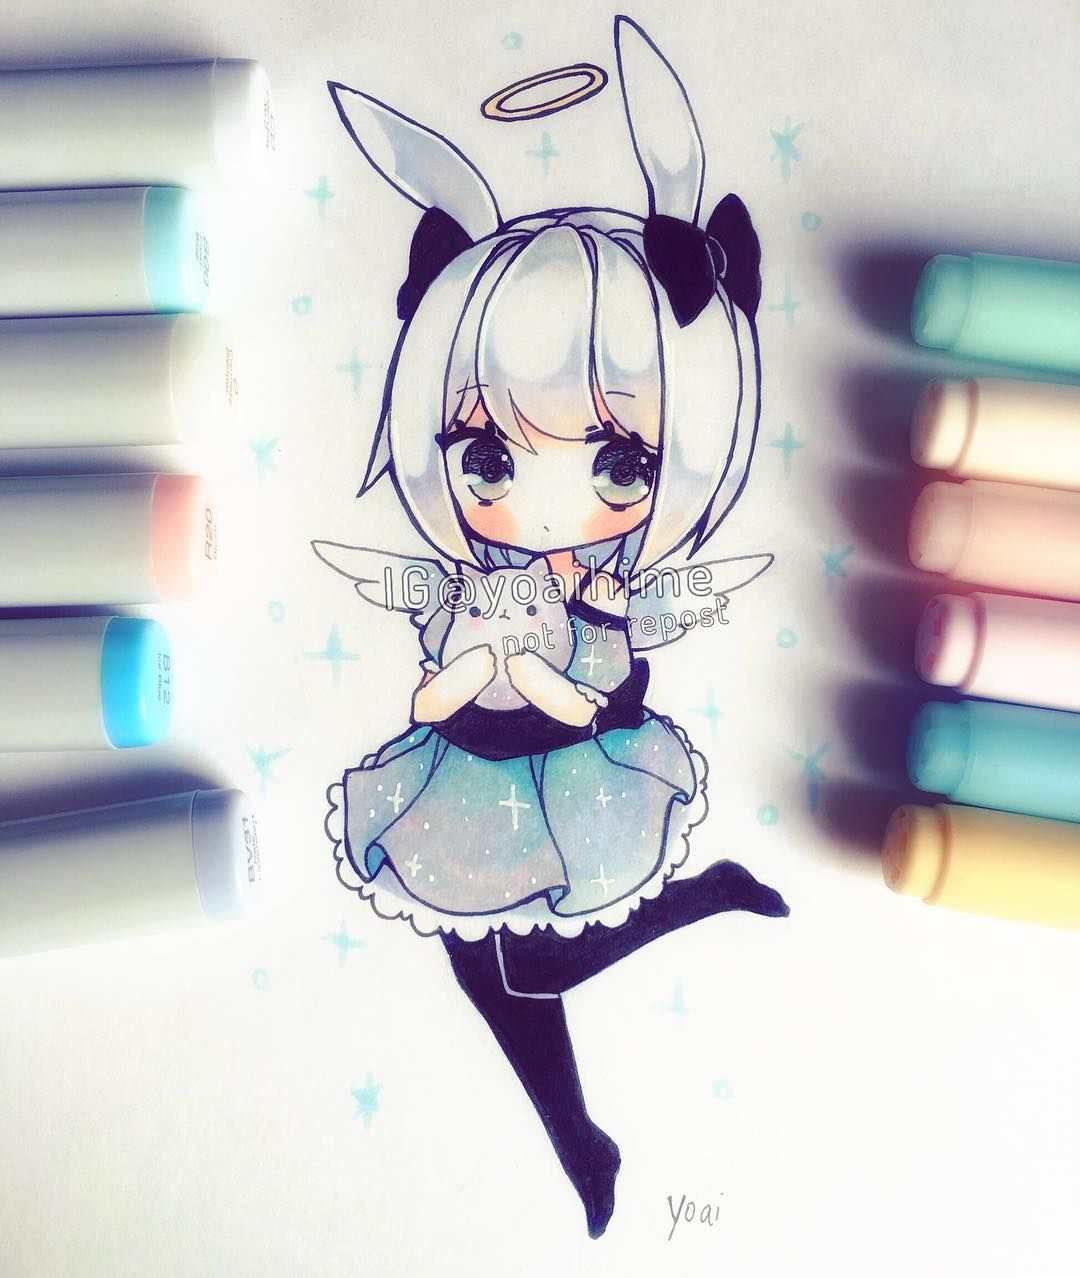 yoaihime\'in bu Instagram fotoğrafını gör • 19.6b beğenme | Anime art ...